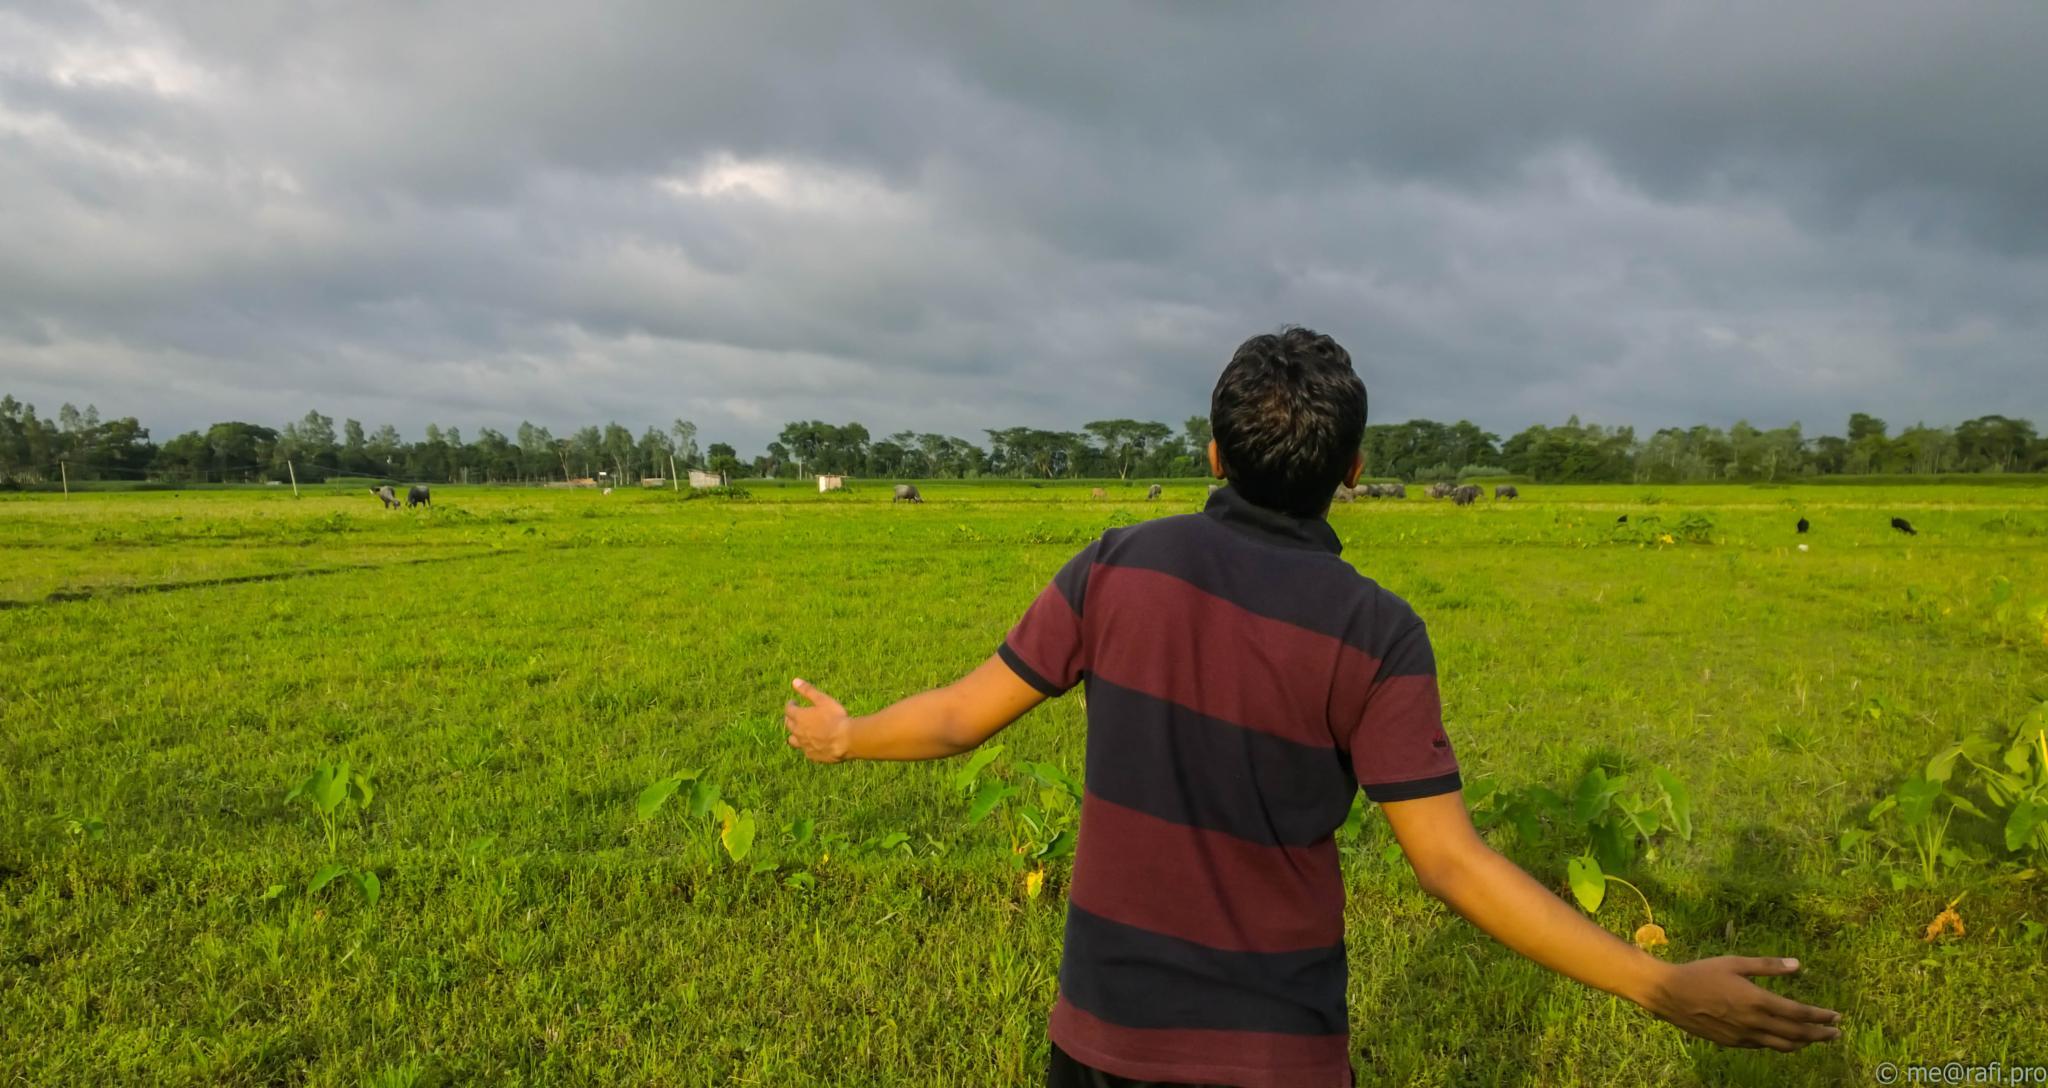 That Amazing Sky by Faozul Azim Rafi